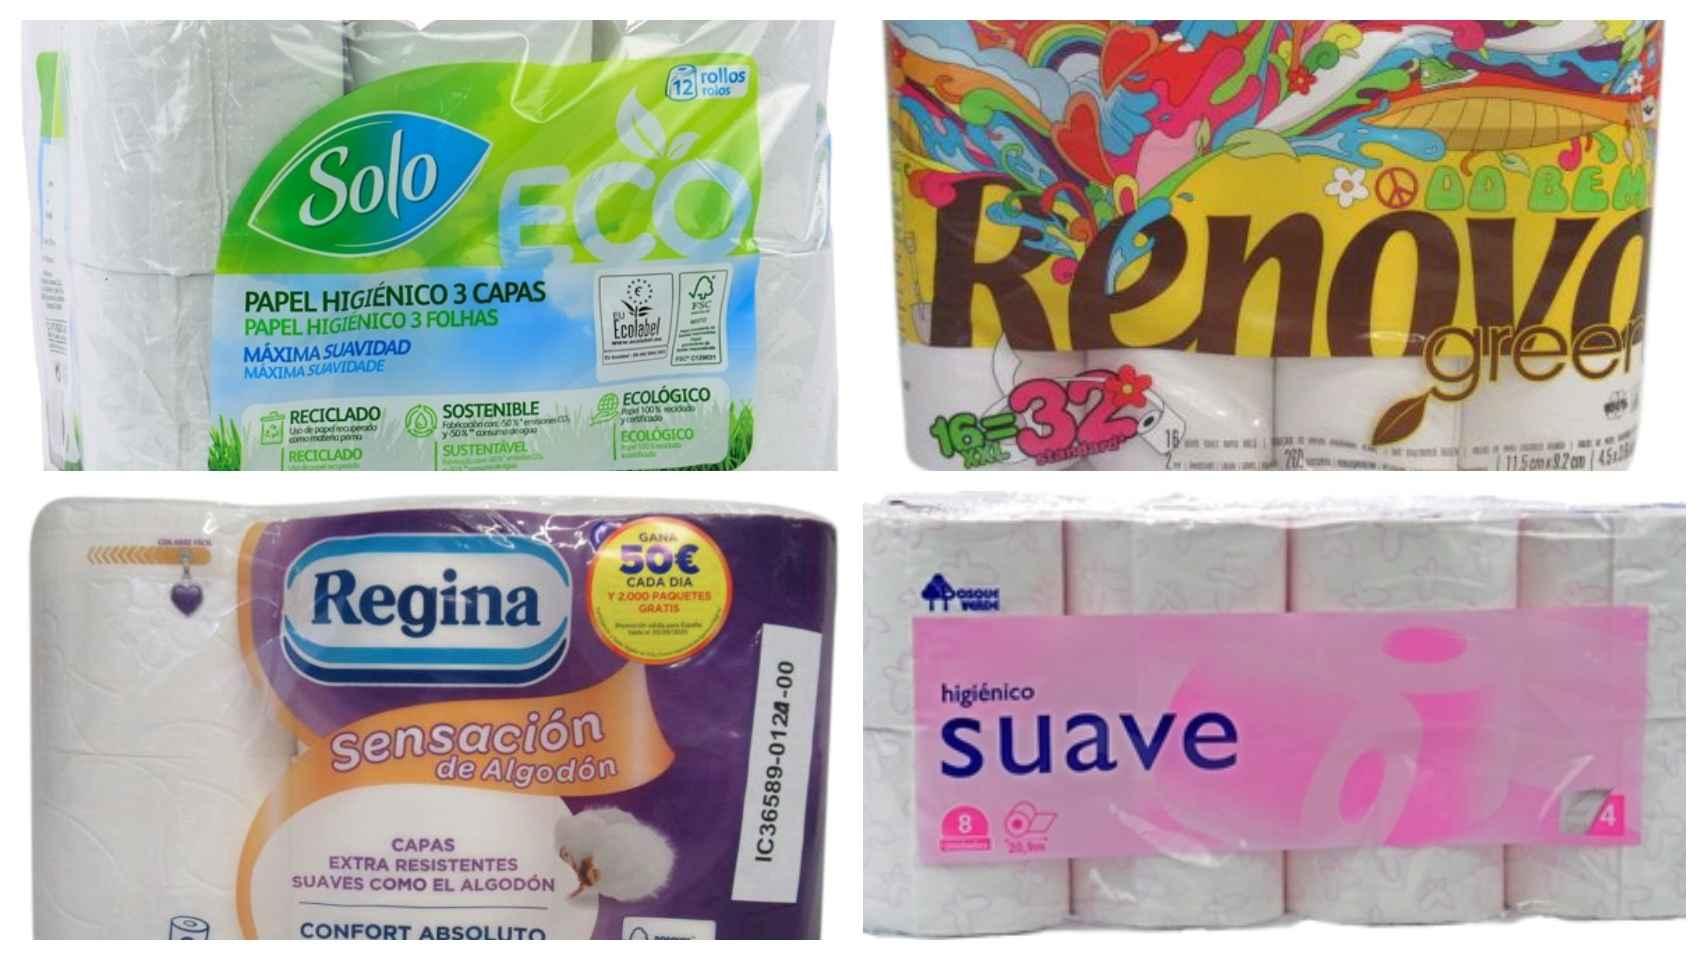 Estos son los 12 mejores rollos de papel higiénico por menos de 4 euros: el análisis de la OCU